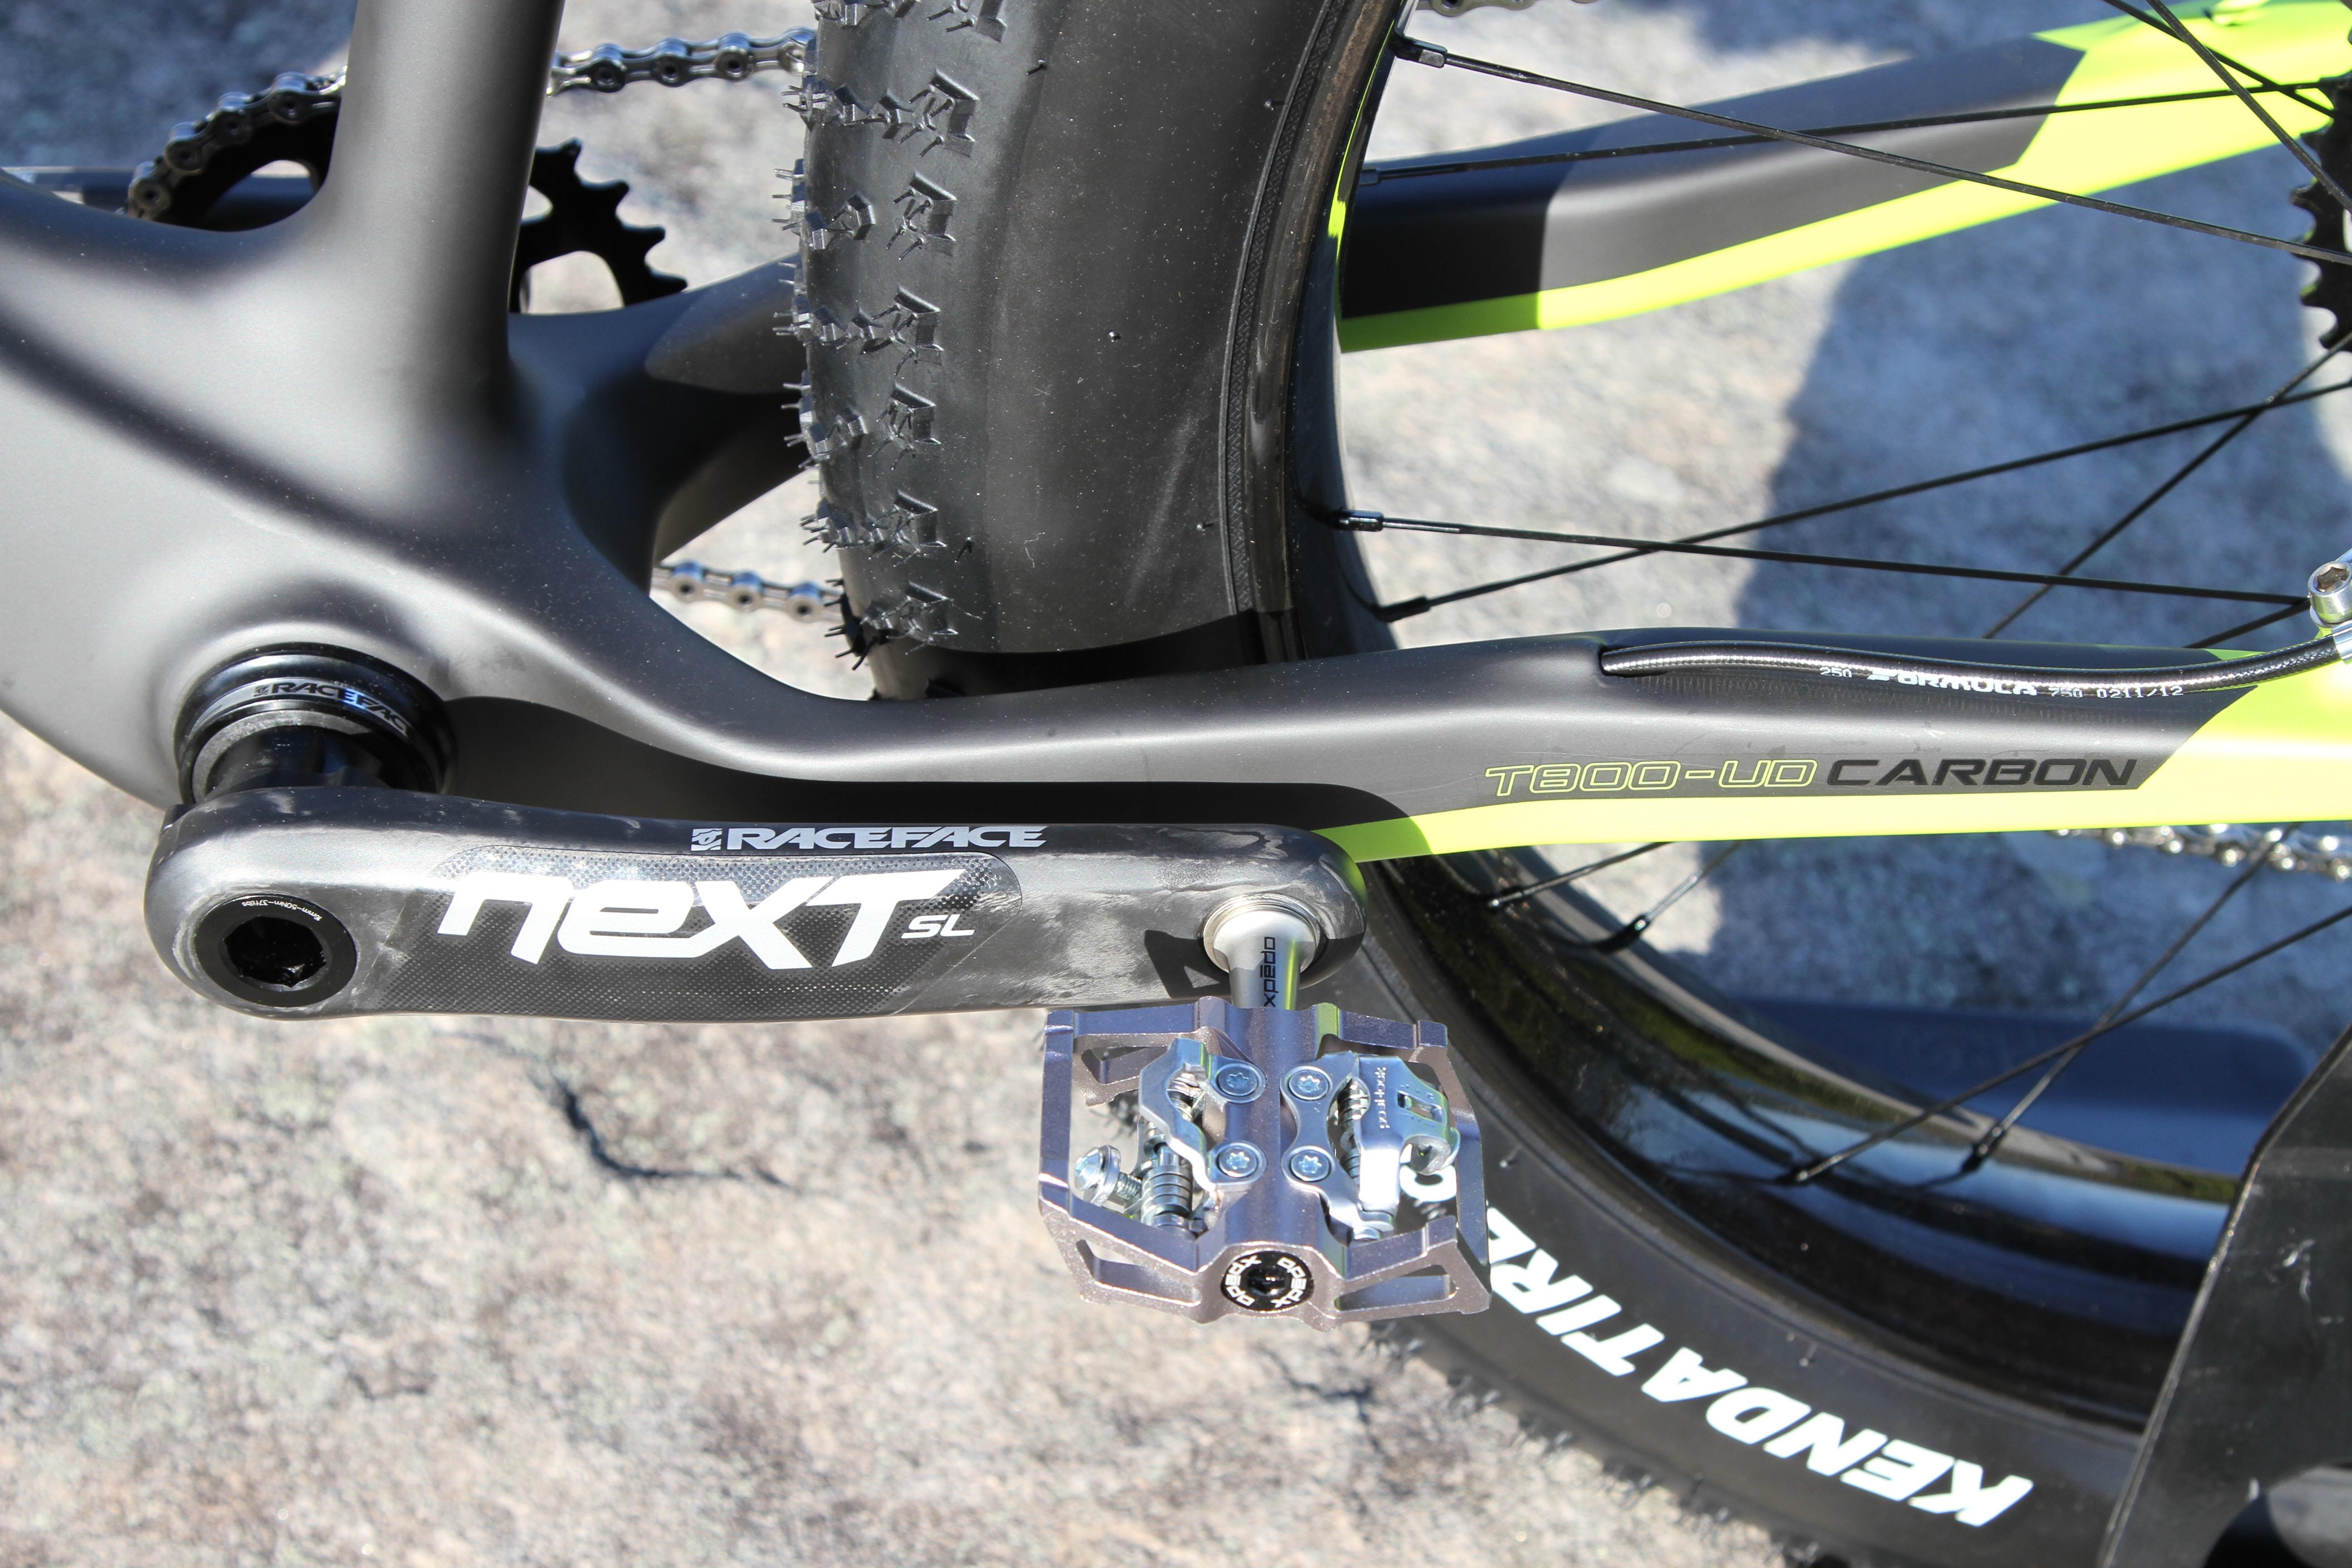 Diamant F1-LTD Fat bike -Raceface Next Carbon Cranks